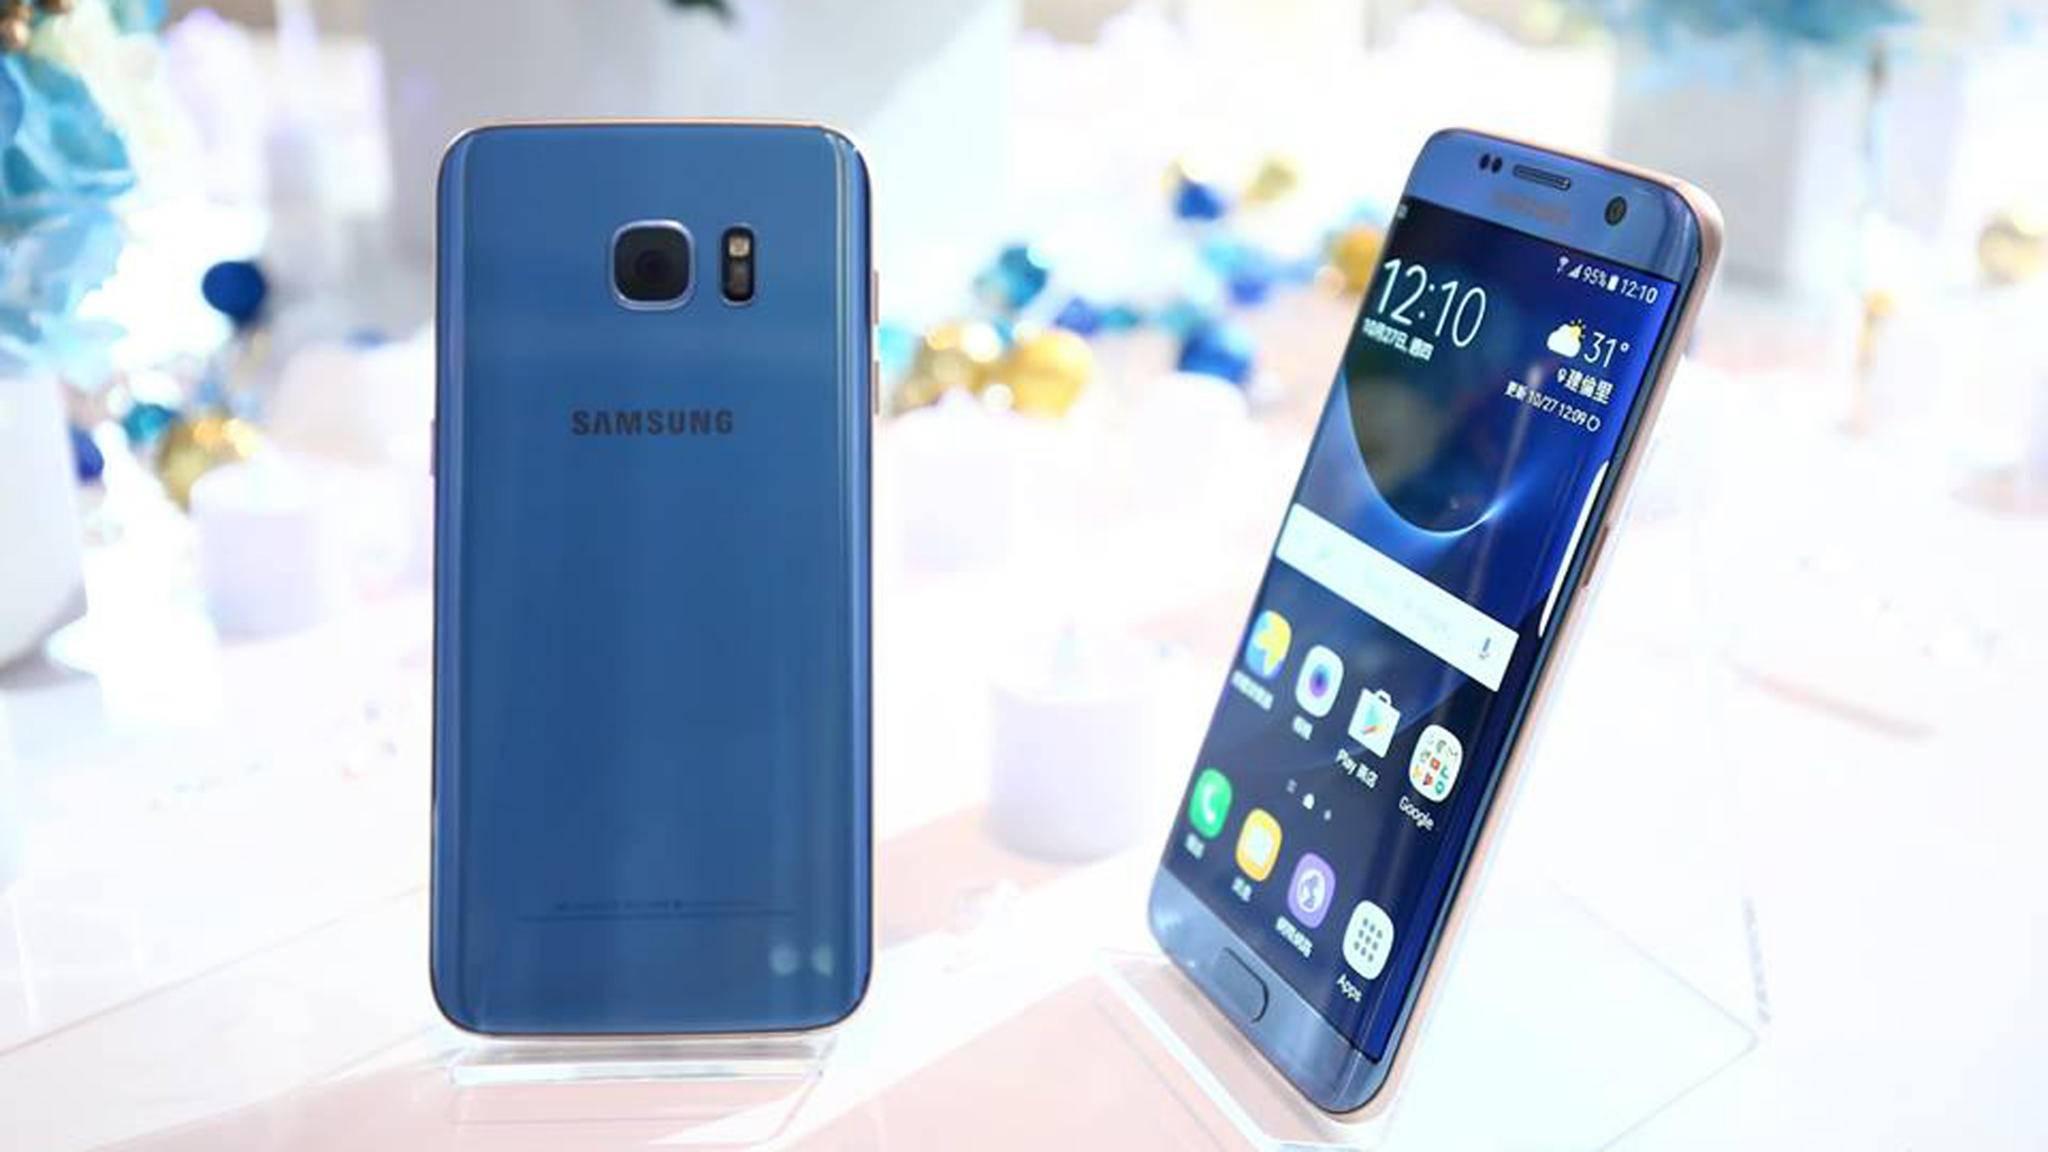 Laut Samsung sind das Galaxy S7 und das S7 Edge nicht von Akku-Explosionen bedroht.